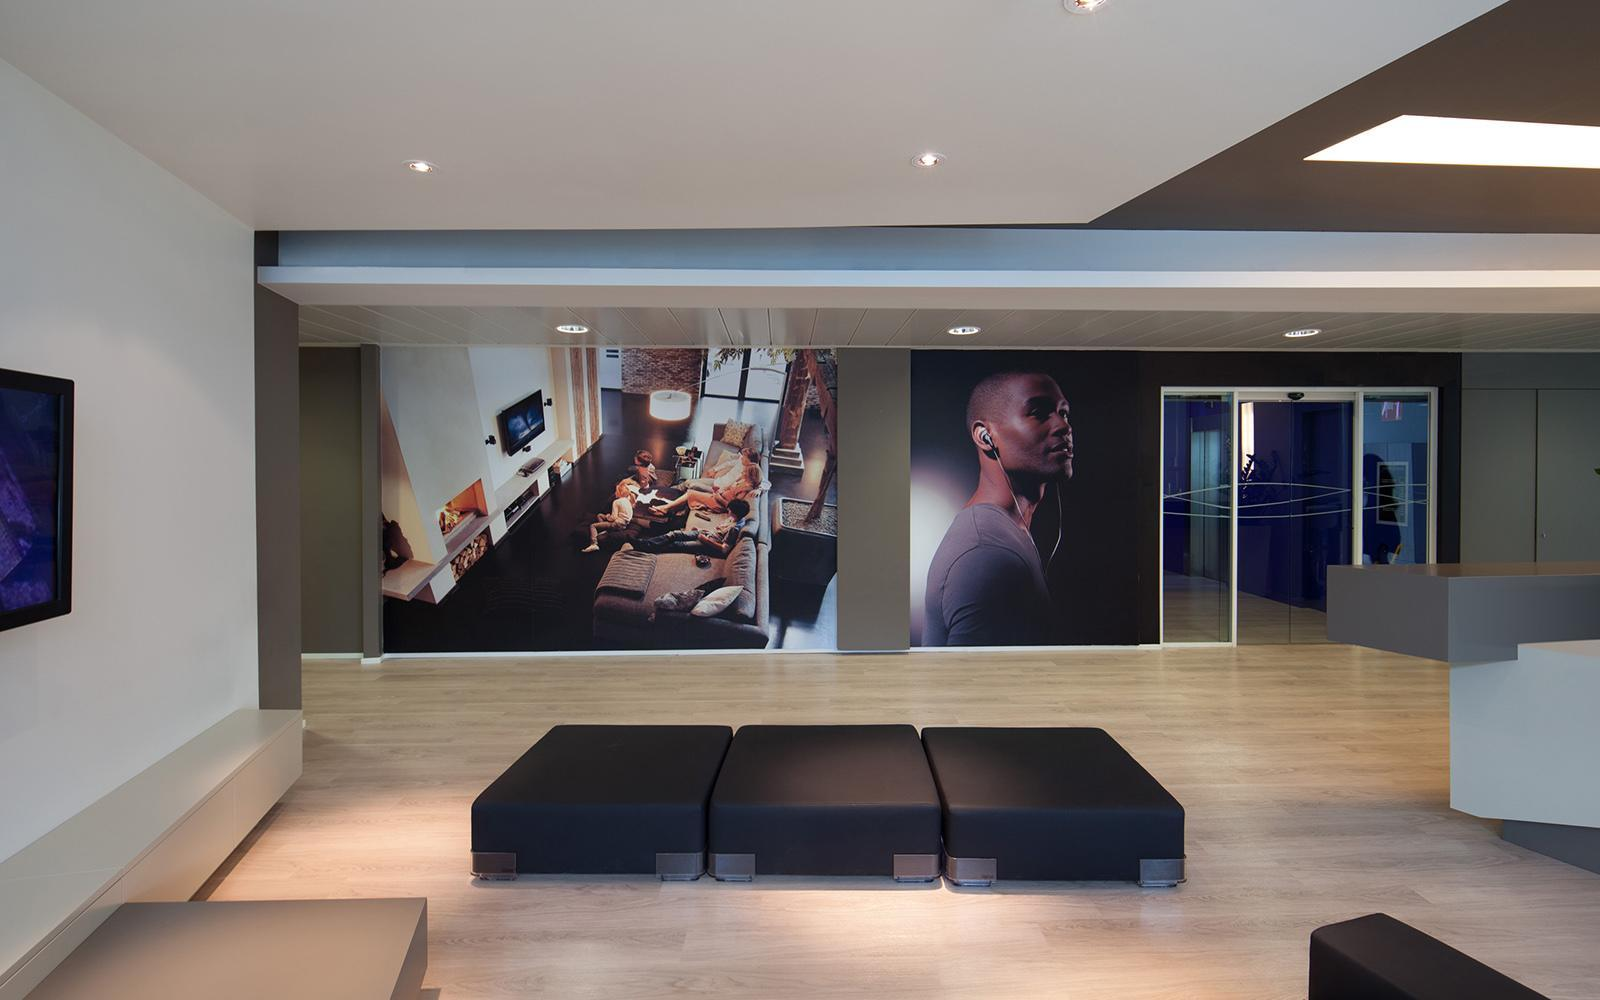 A Peek Inside Bose's Elegant Office in Italy